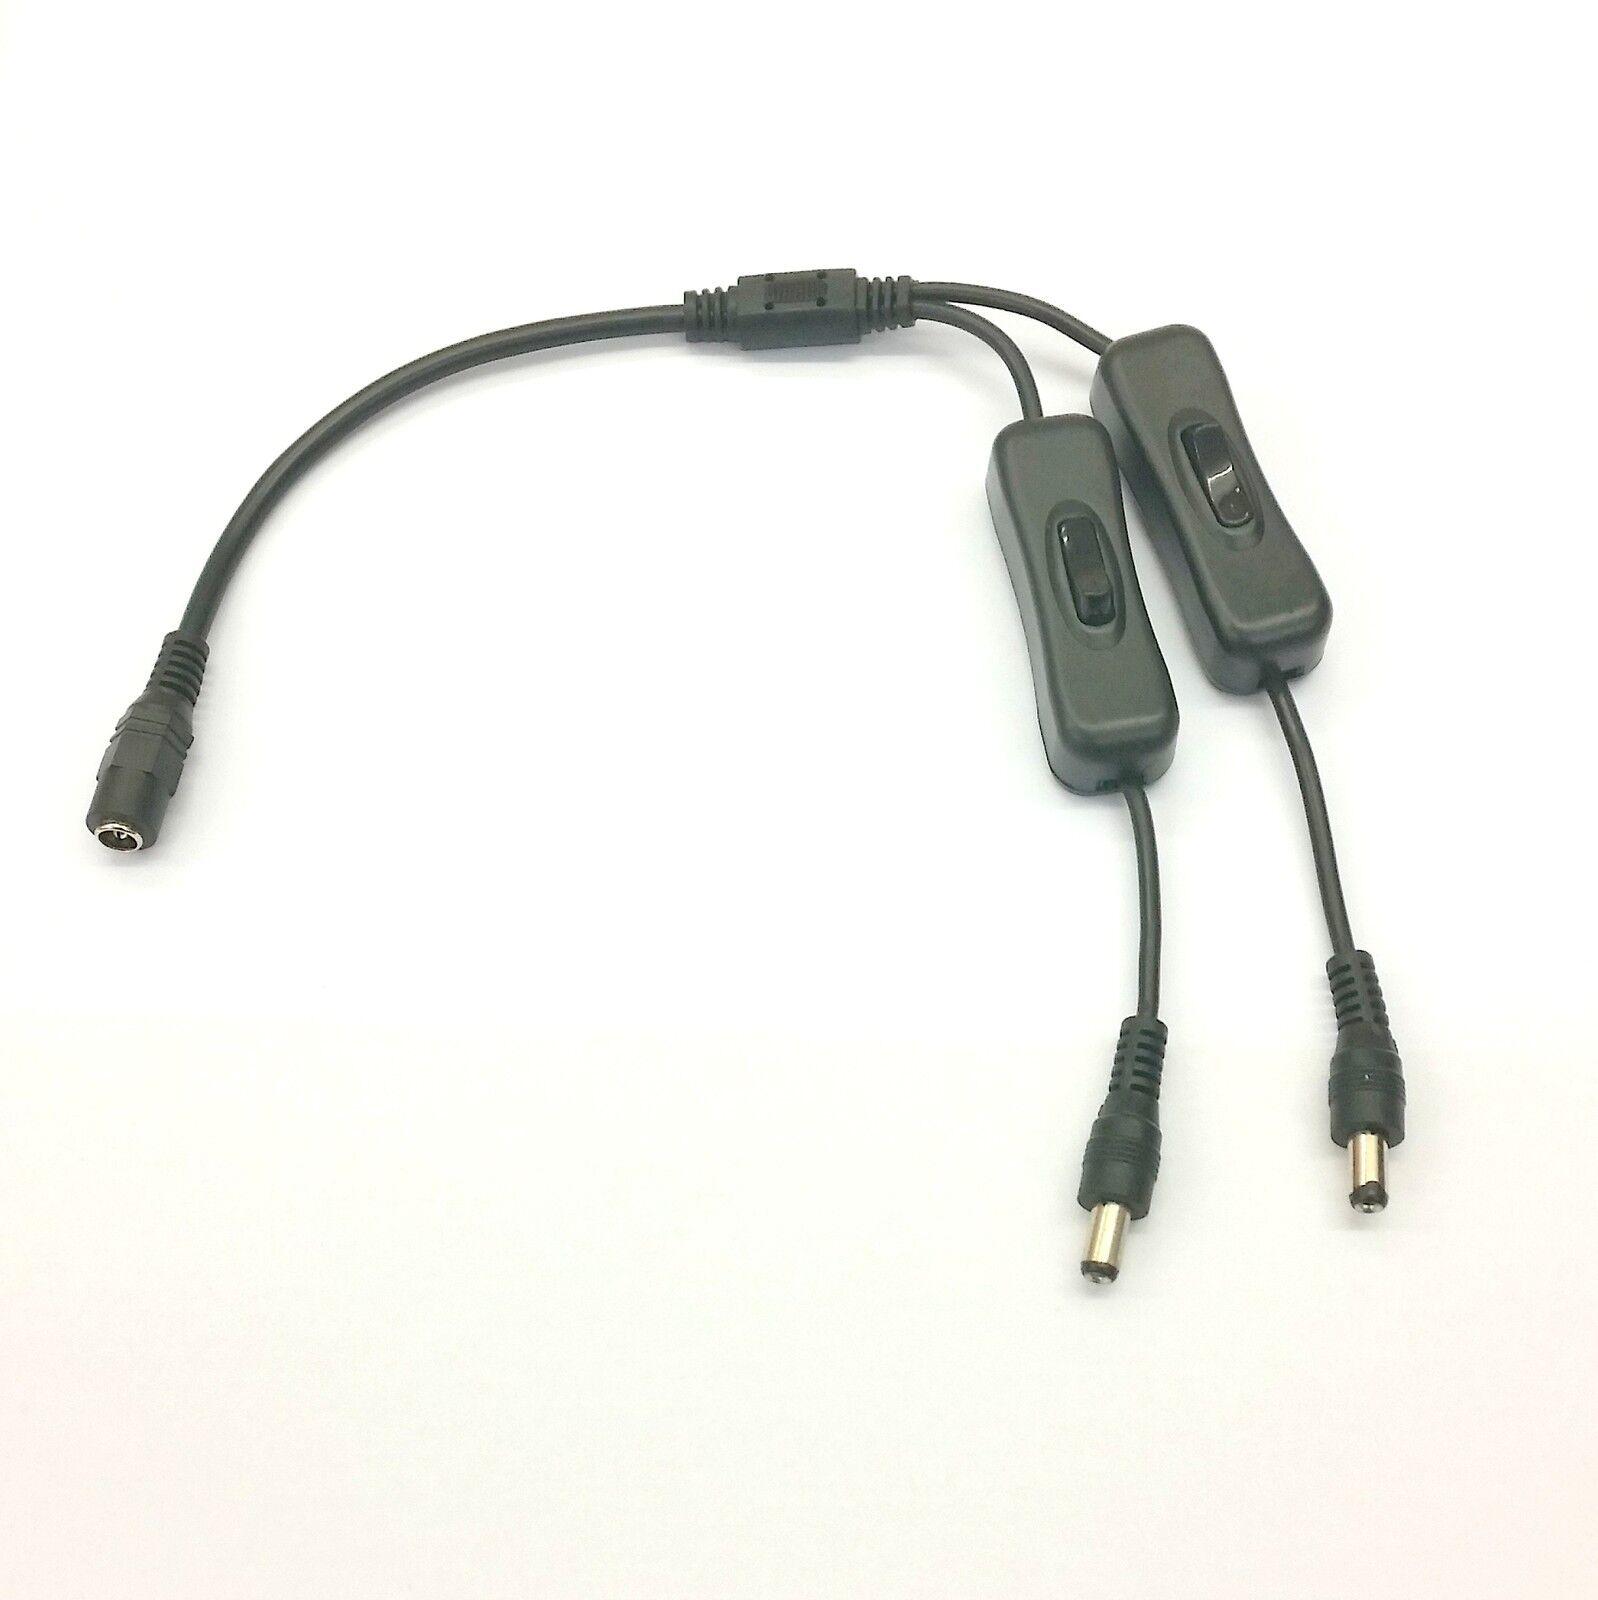 Negro en Linea Interruptor Oscilante - 2.1mm Entrada   Doble con Salidas - Tira